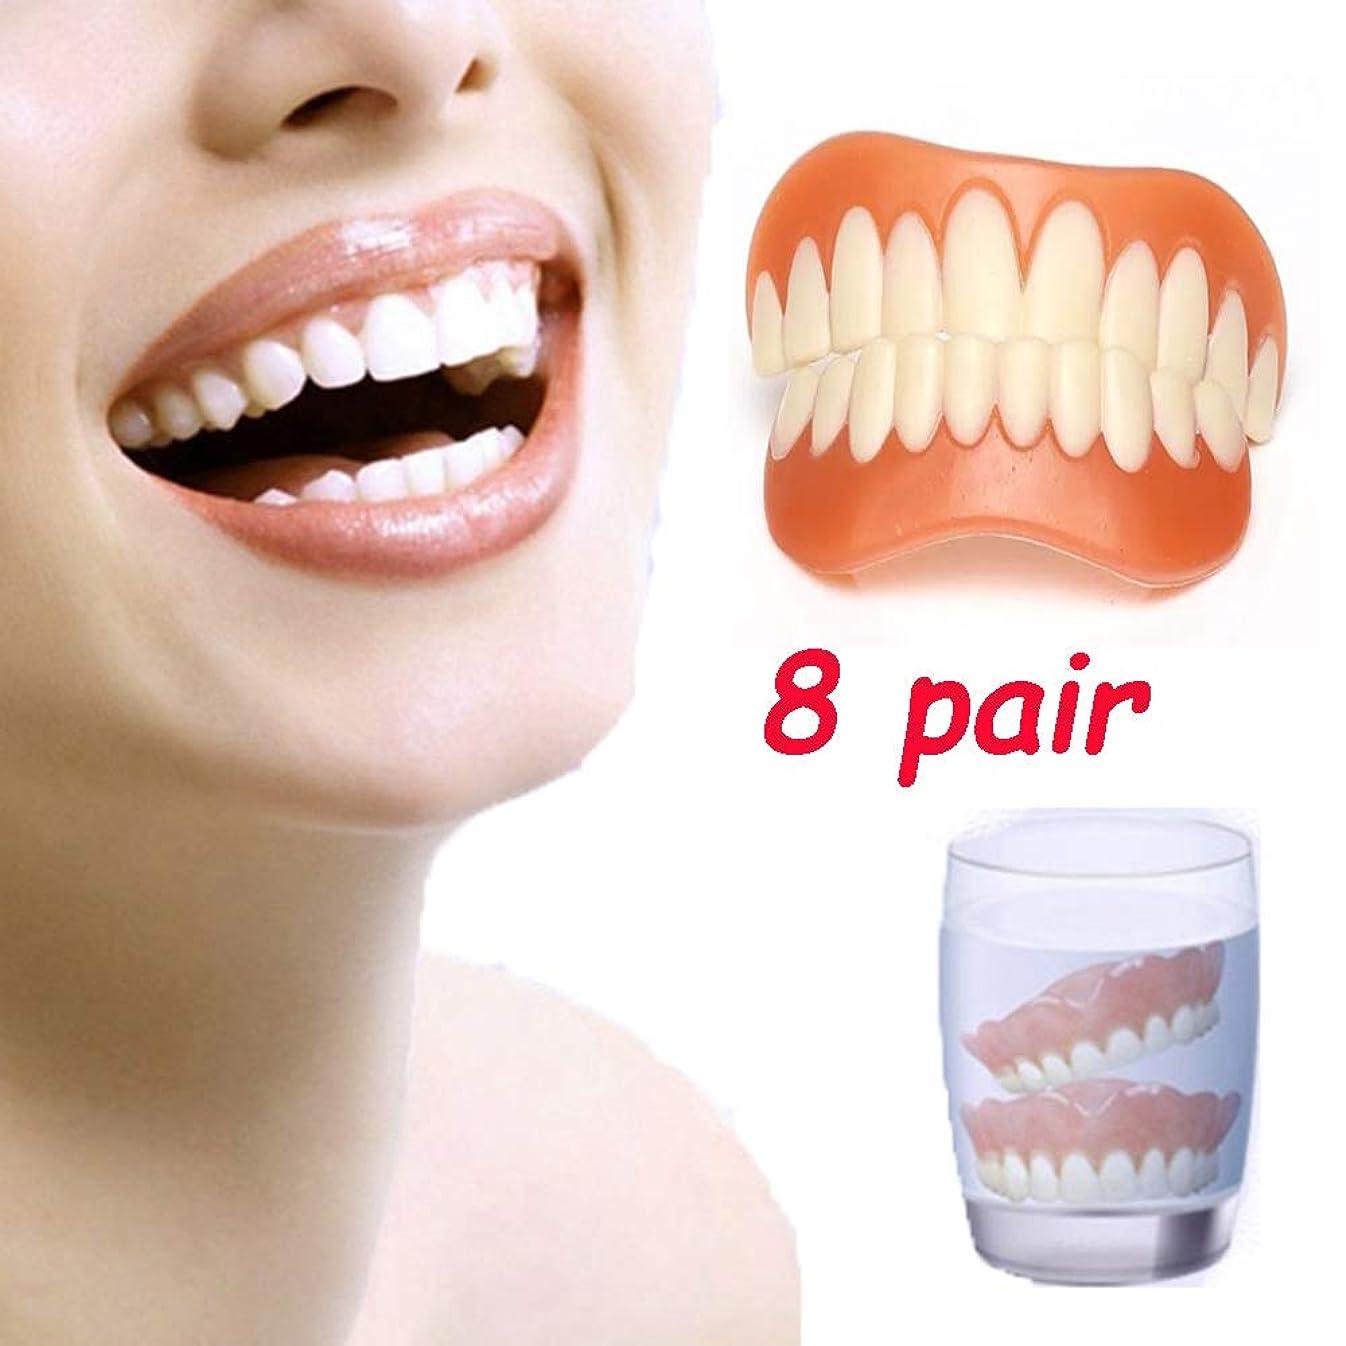 降雨特派員対人8ペアプロフェッショナルパーフェクトインスタントスマイルコンフォートフィットフレックス義歯歯のトップとボトム化粧品歯カバー美容ツールワンサイズフィットすべて